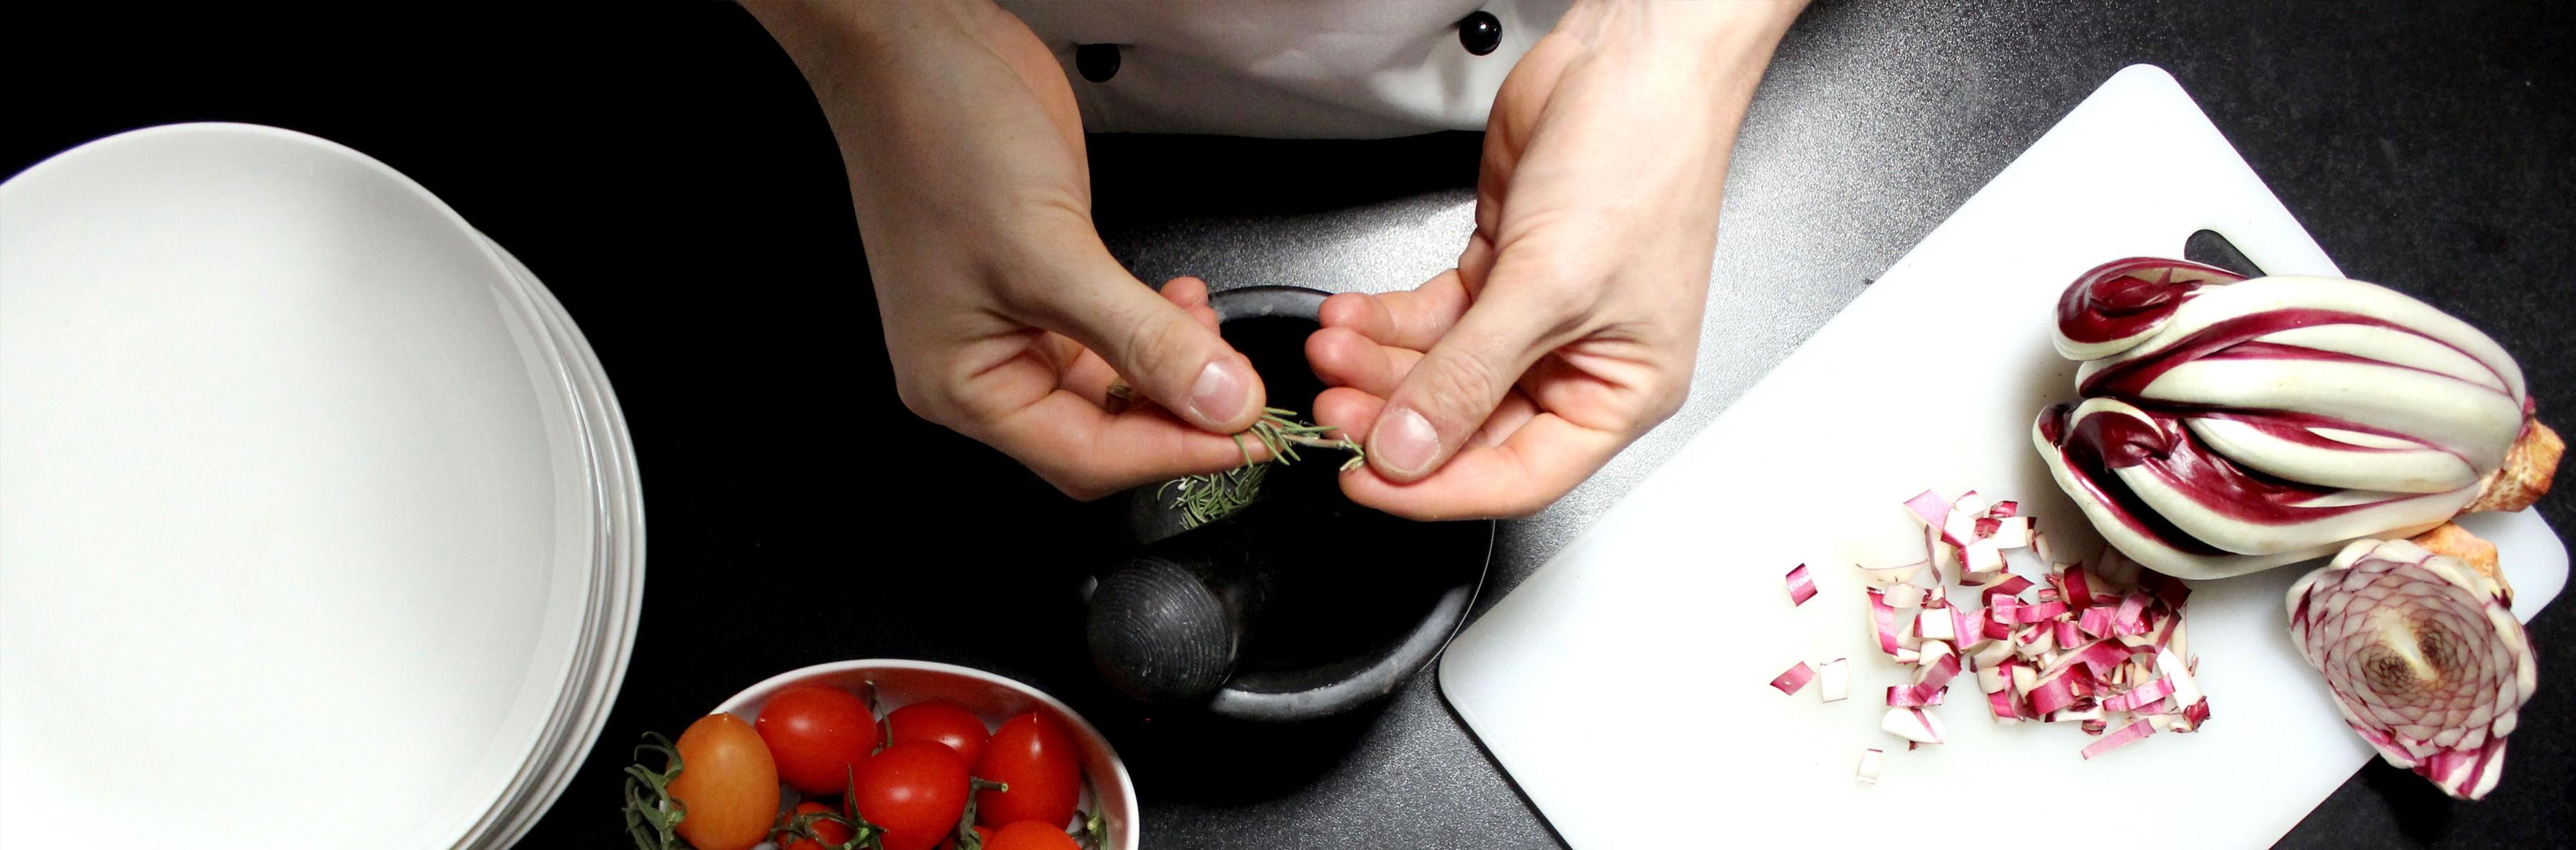 MAX&KITCHEN CATERING - chef a domicilio - cuoco a casa tua cuoco cucina cibo